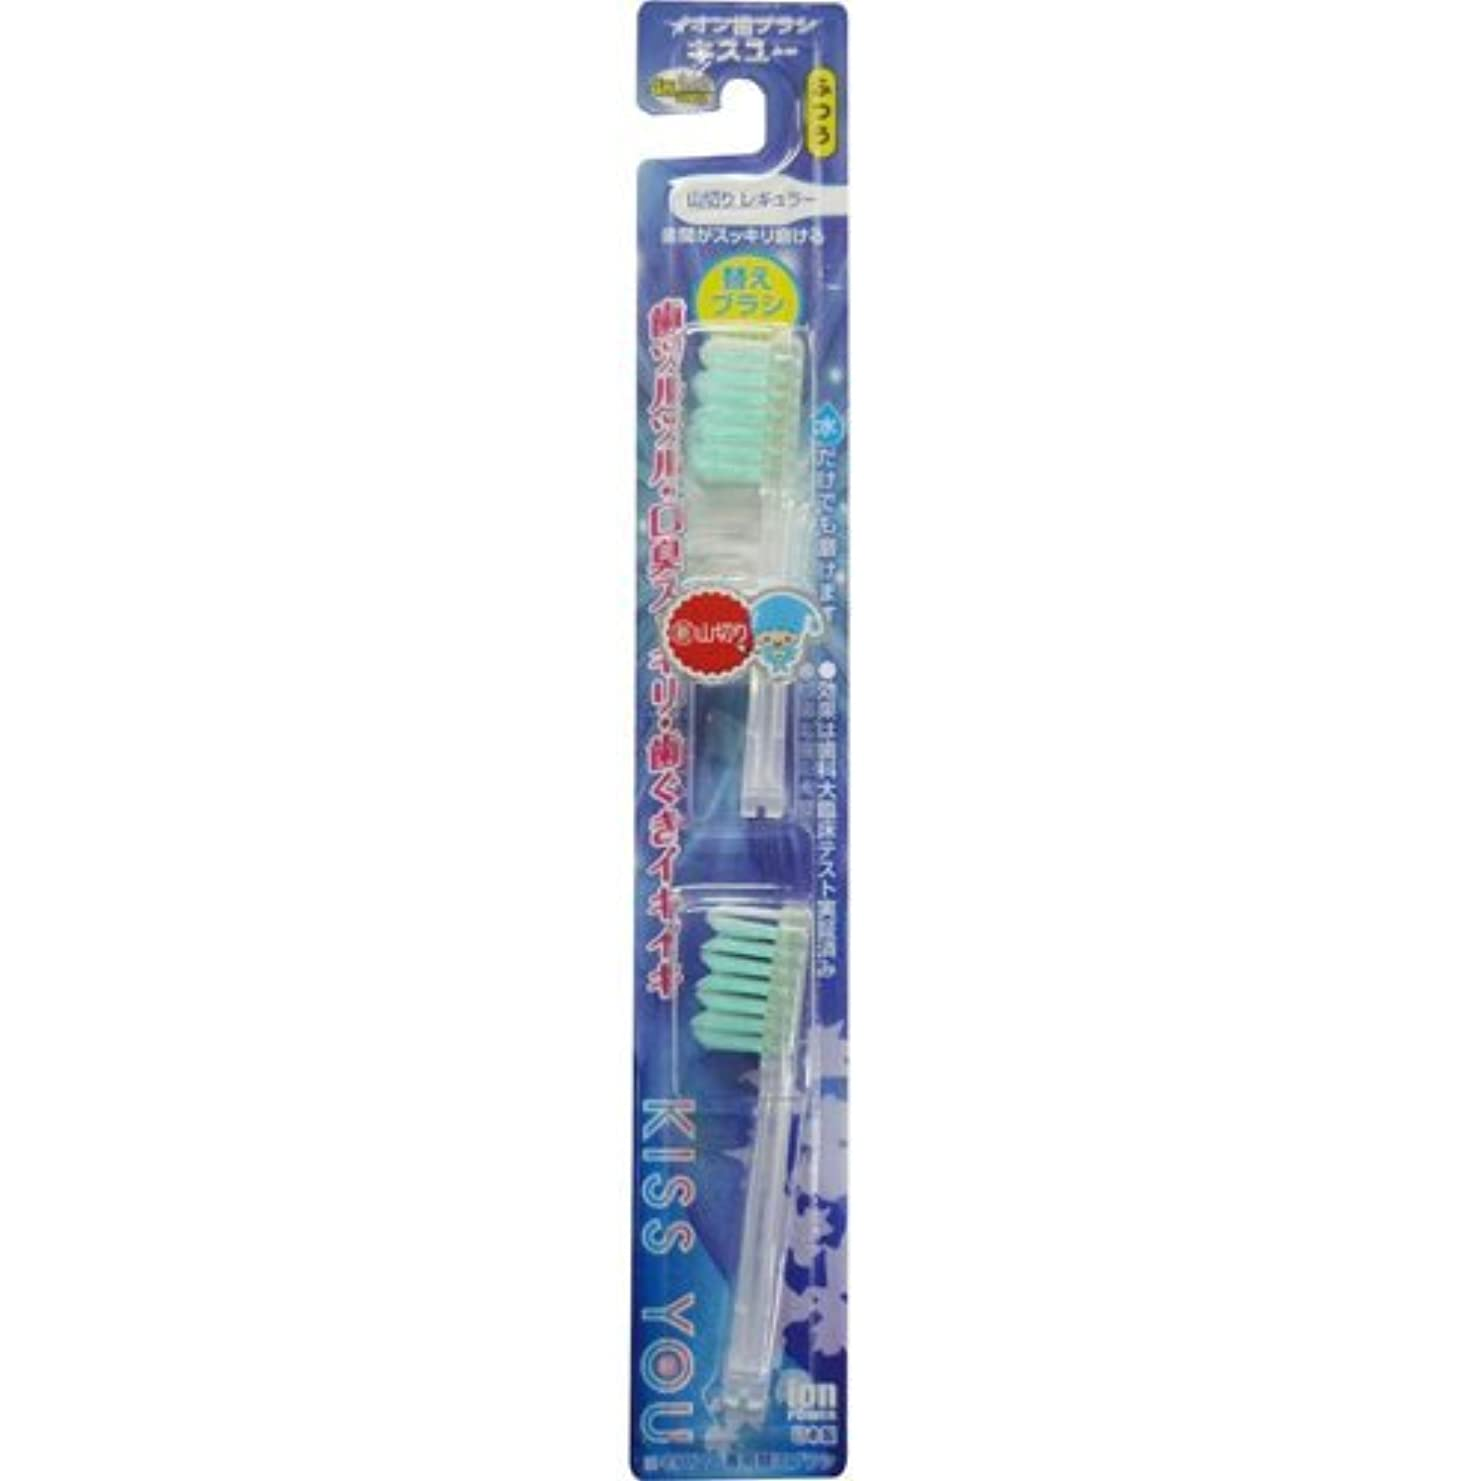 指定する被るヒップキスユー イオン歯ブラシ 山切りレギュラー 替えブラシ ふつう 2本入